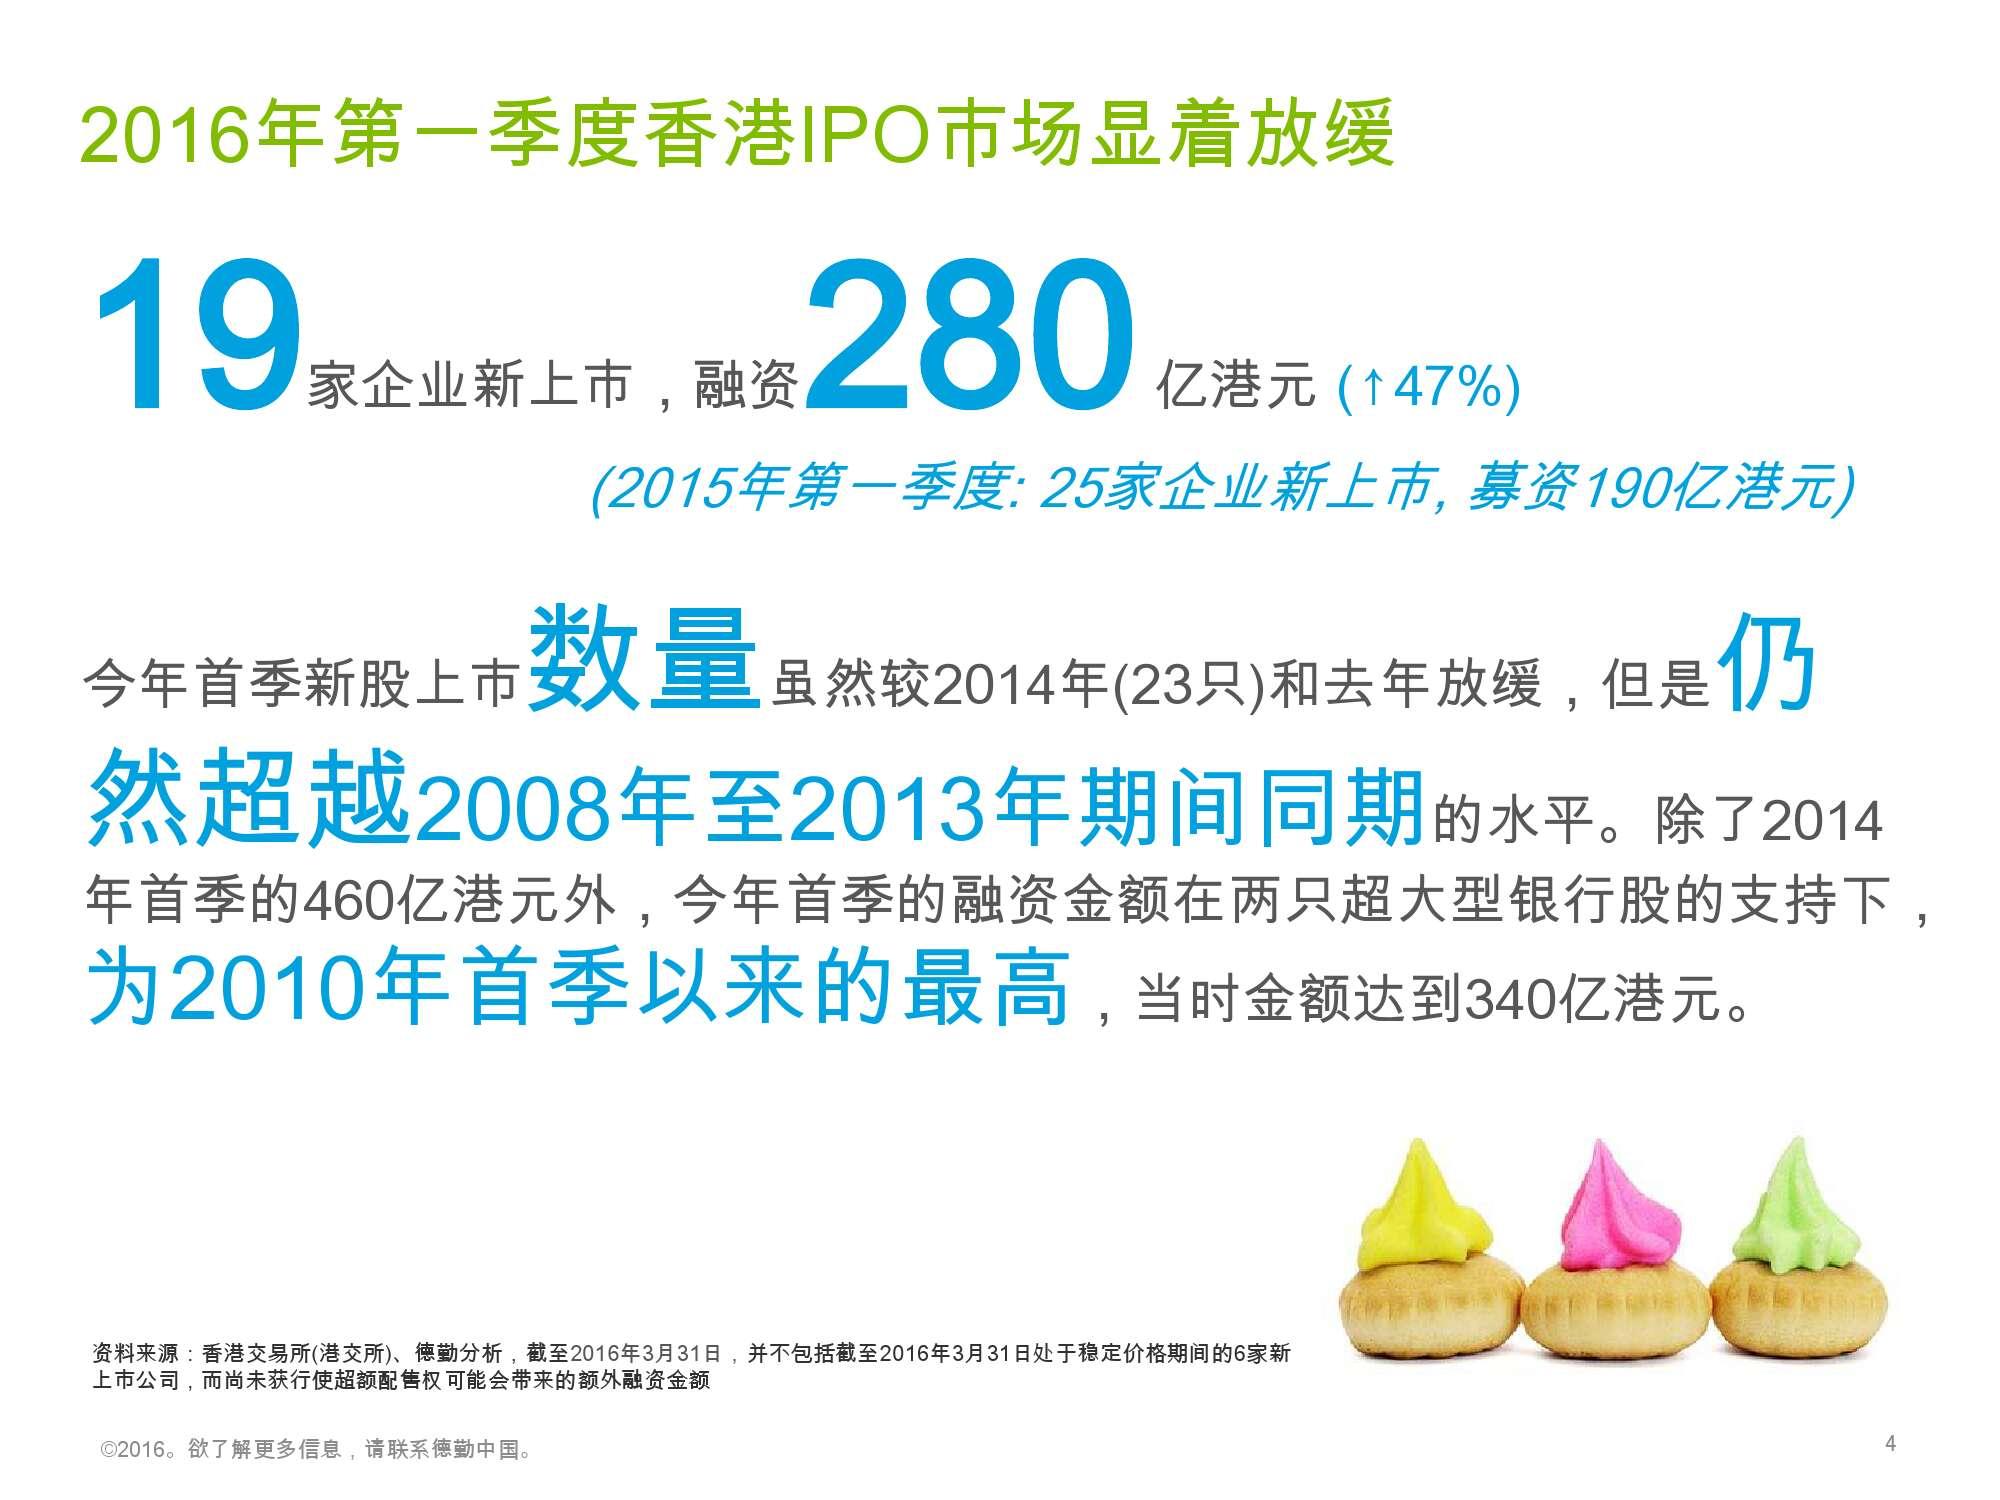 香港及中国大陆IPO市场2016年1季度_000004